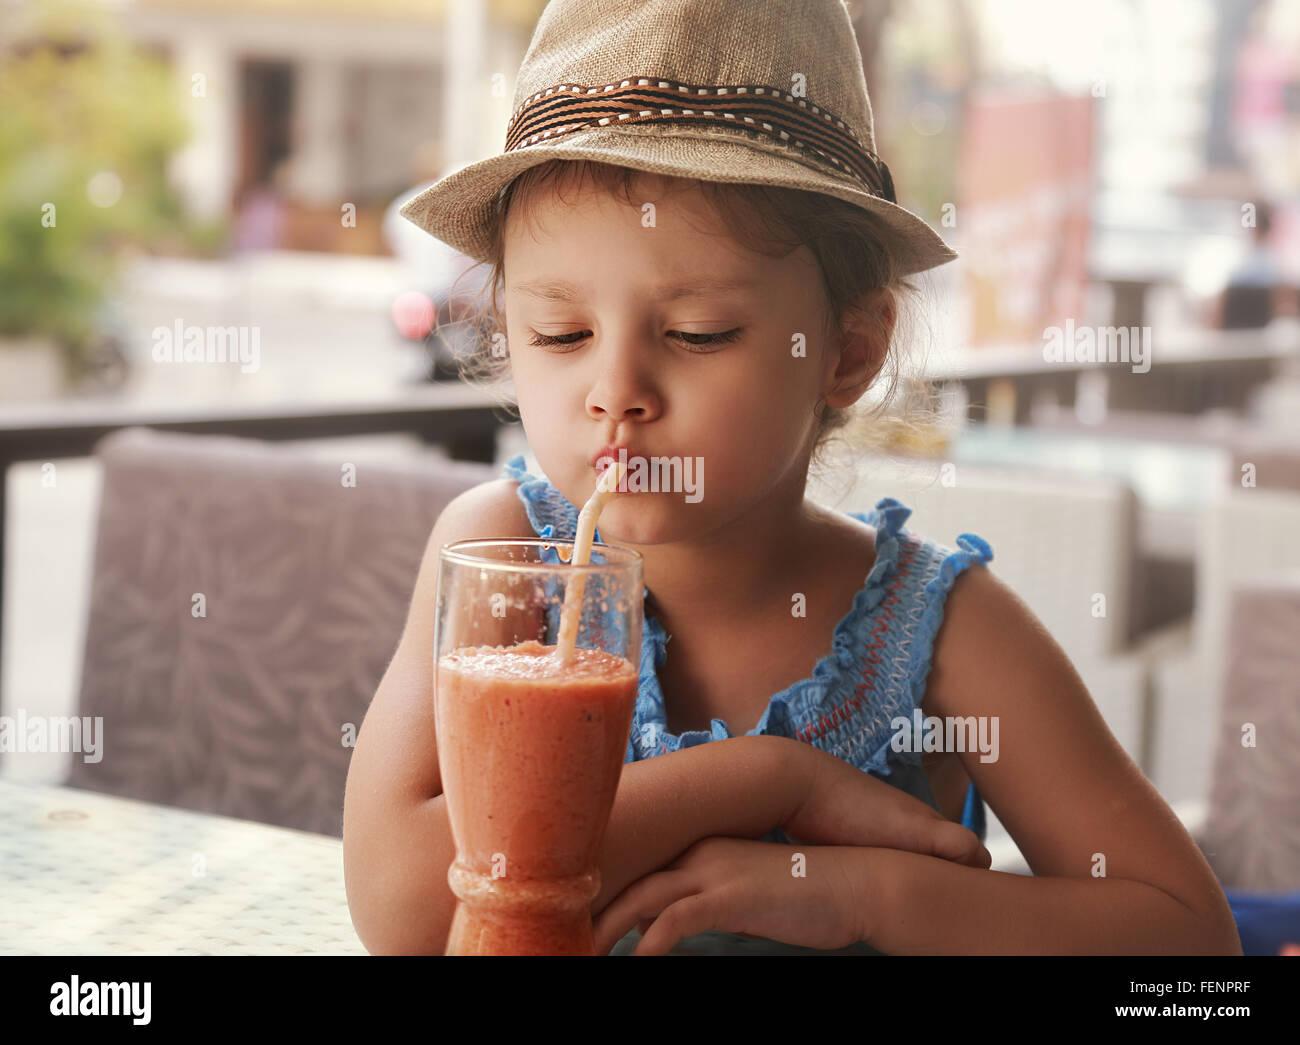 Divertimento kid ragazza in hat frullato di bere succo di vetro in street city cafe Immagini Stock